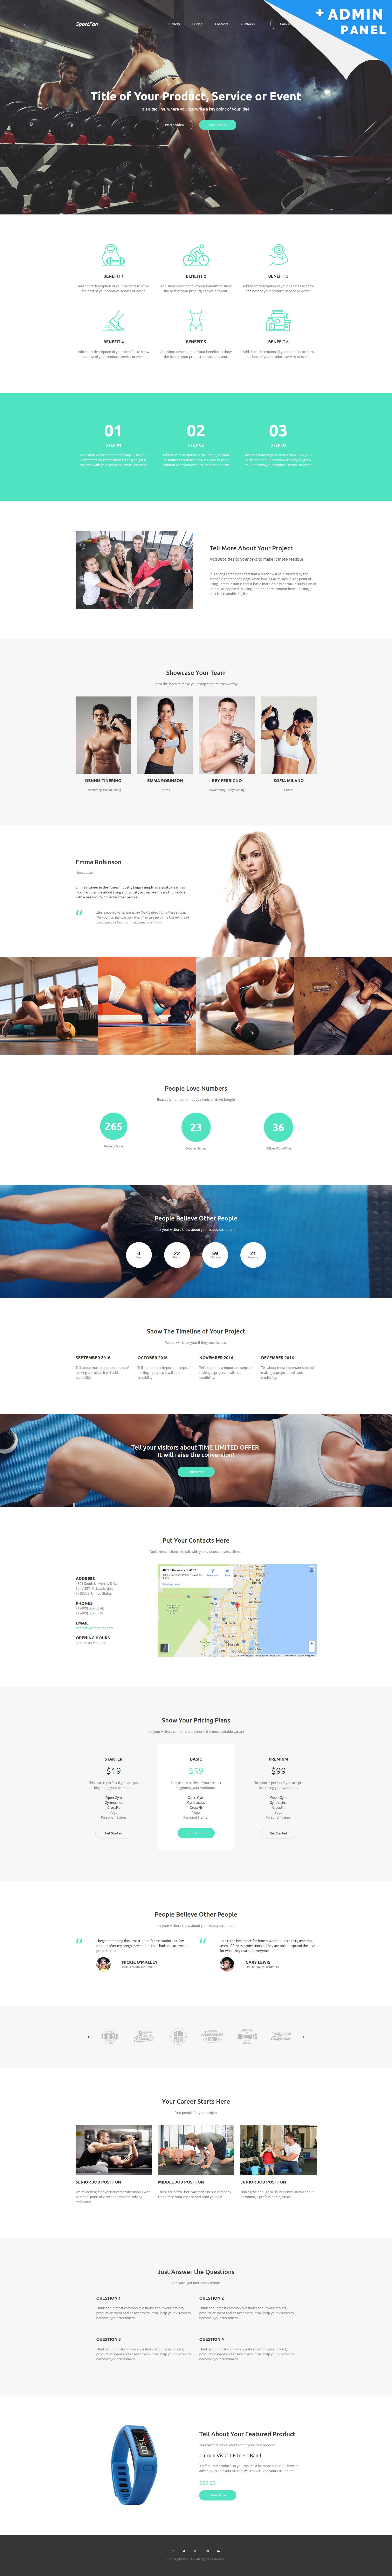 Templates de Landing Page Flexível para Sites de Fitness №59243 - captura de tela